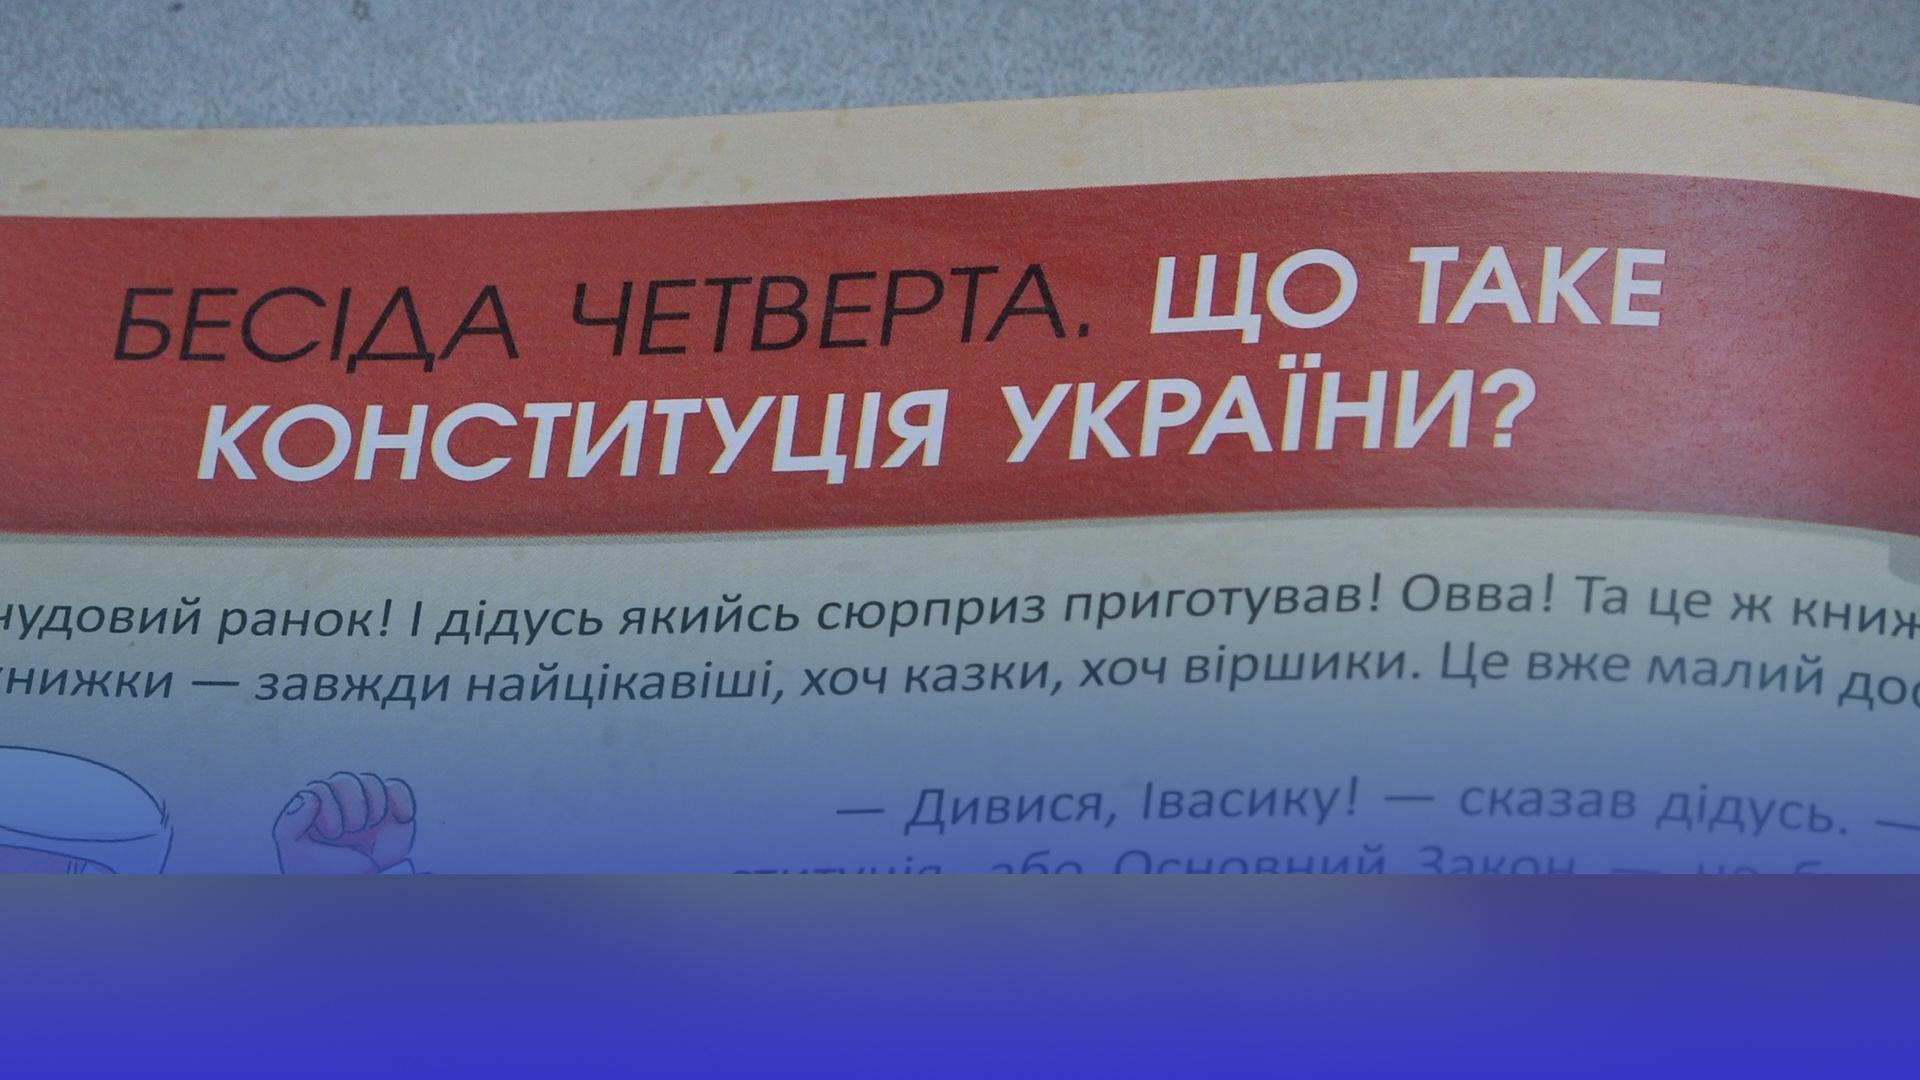 Читаємо про Конституцію: які видання про основний закон України можна знайти у тернопільських магазинах